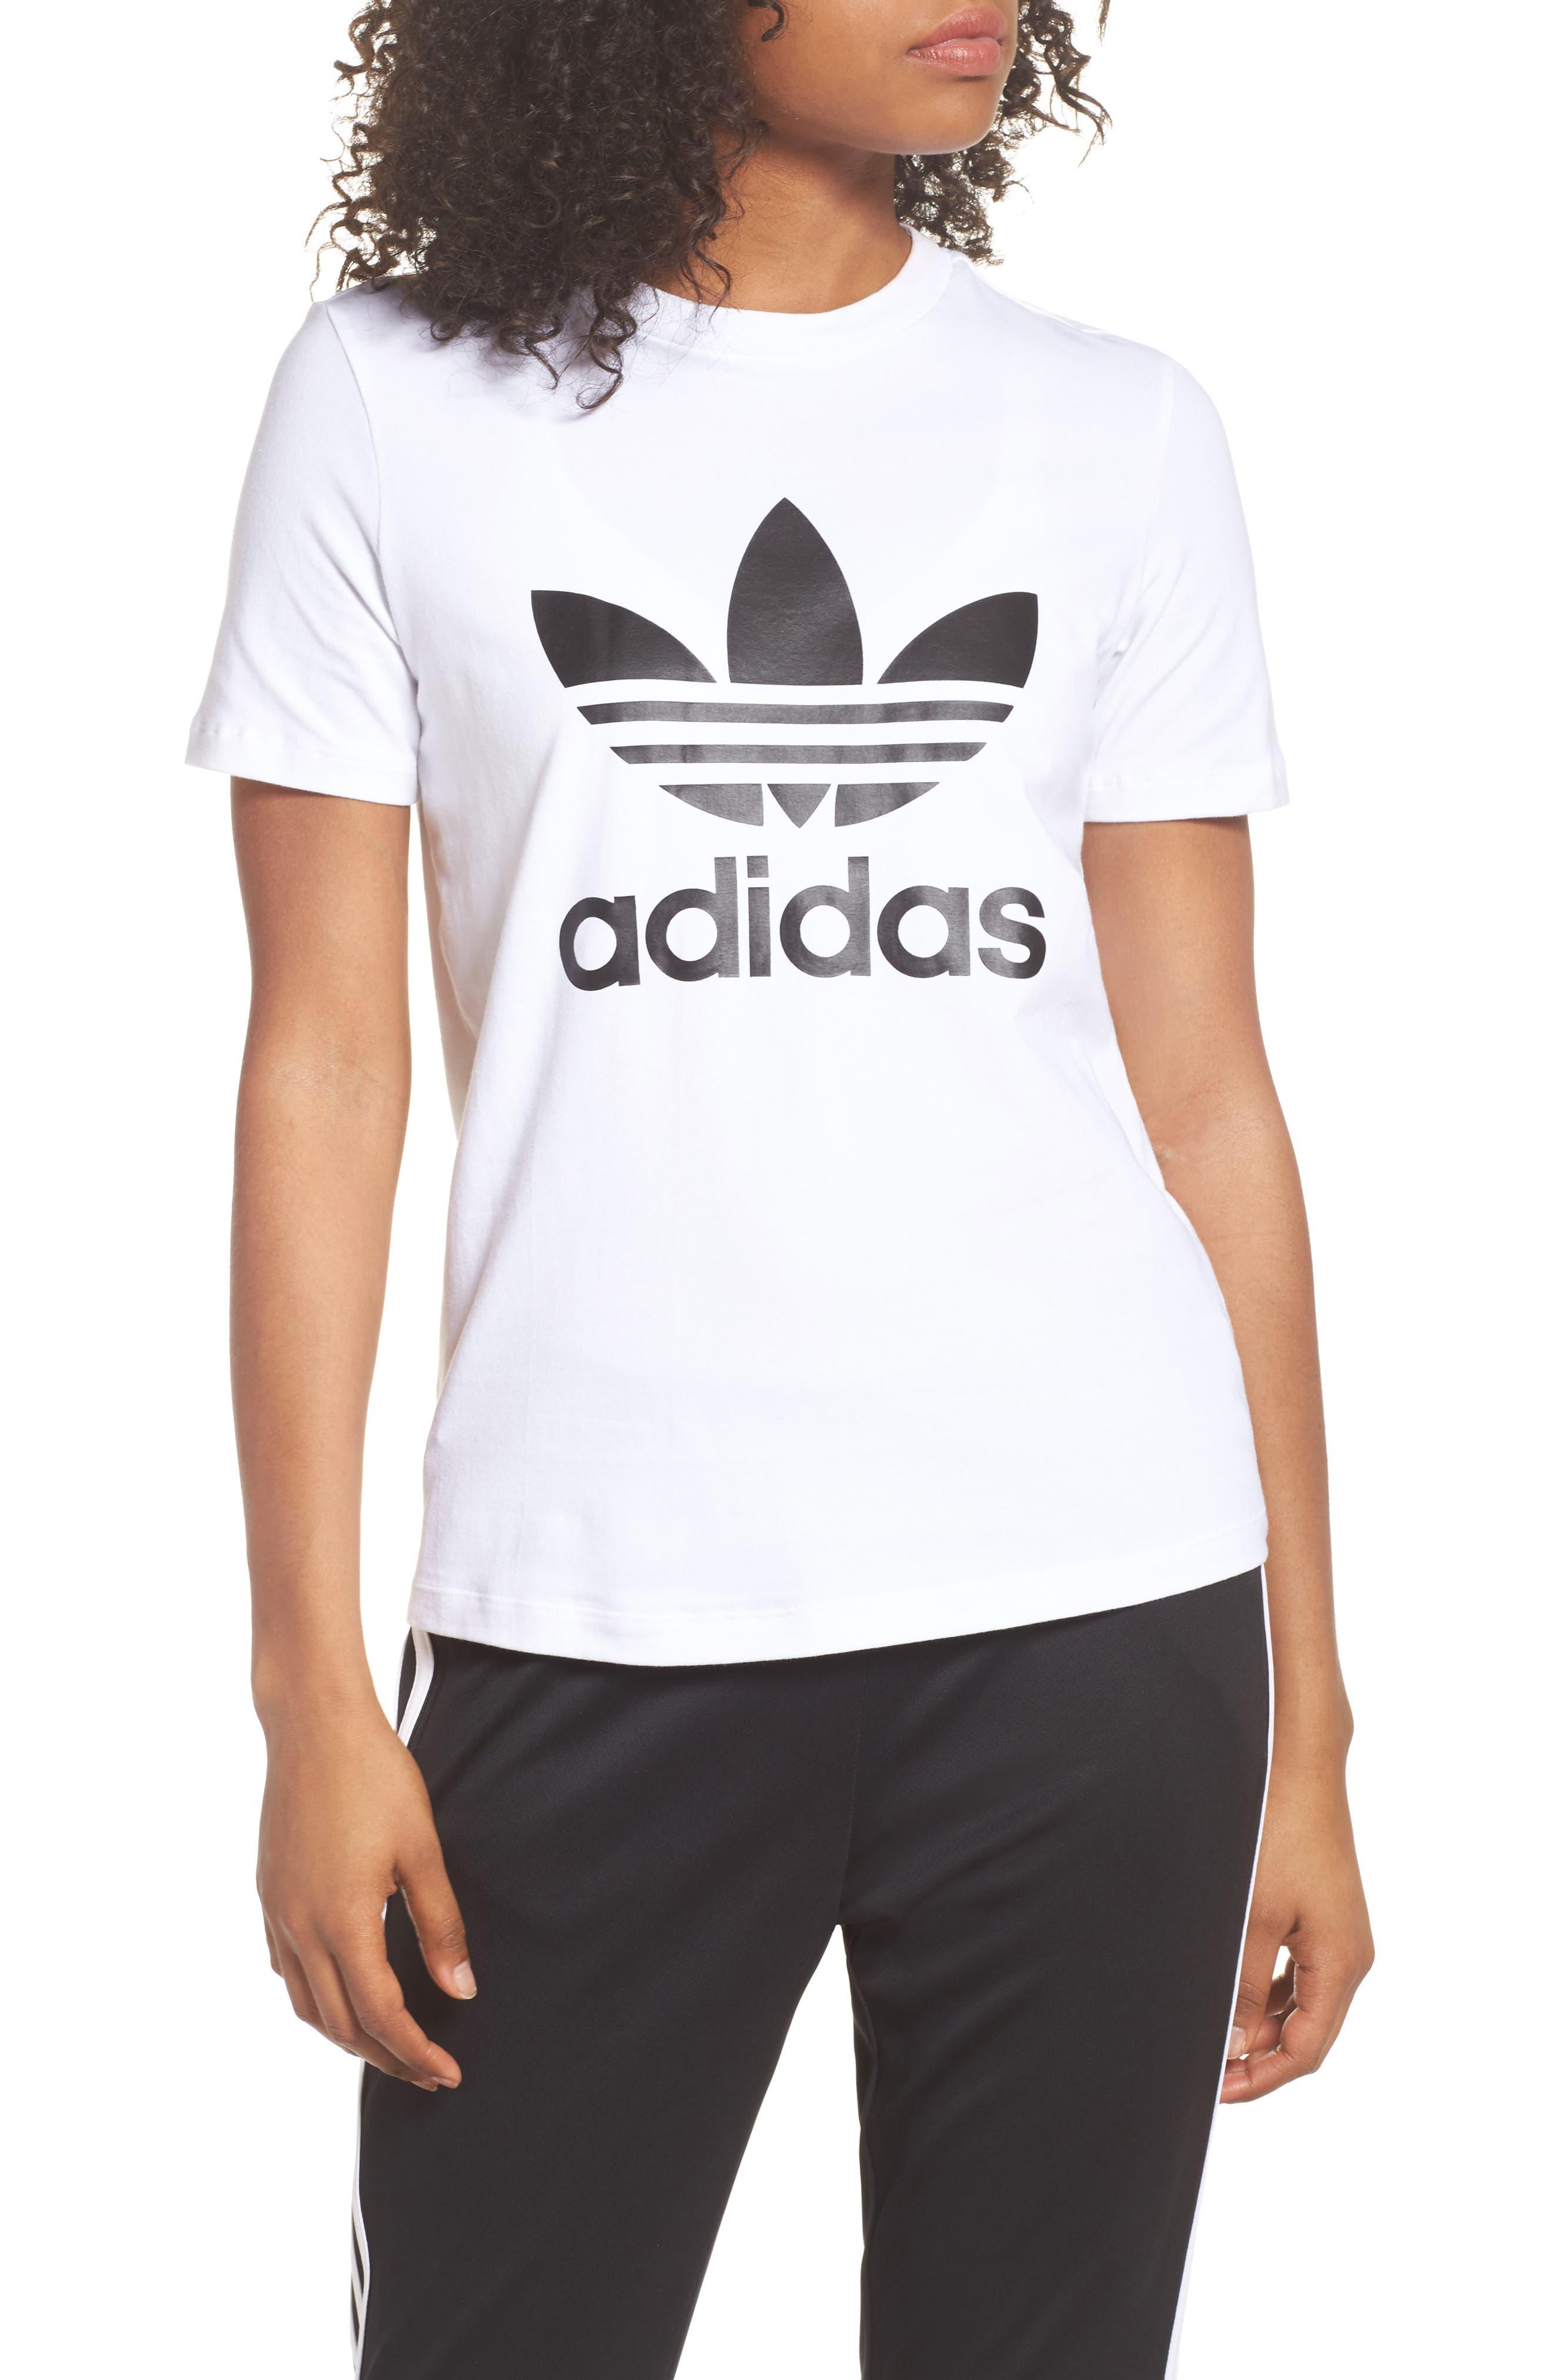 Nike Flyknit Lunaire Femmes 3x Chemises jeu grand escompte visite à vendre vente meilleur vente SAST 42wnDF6